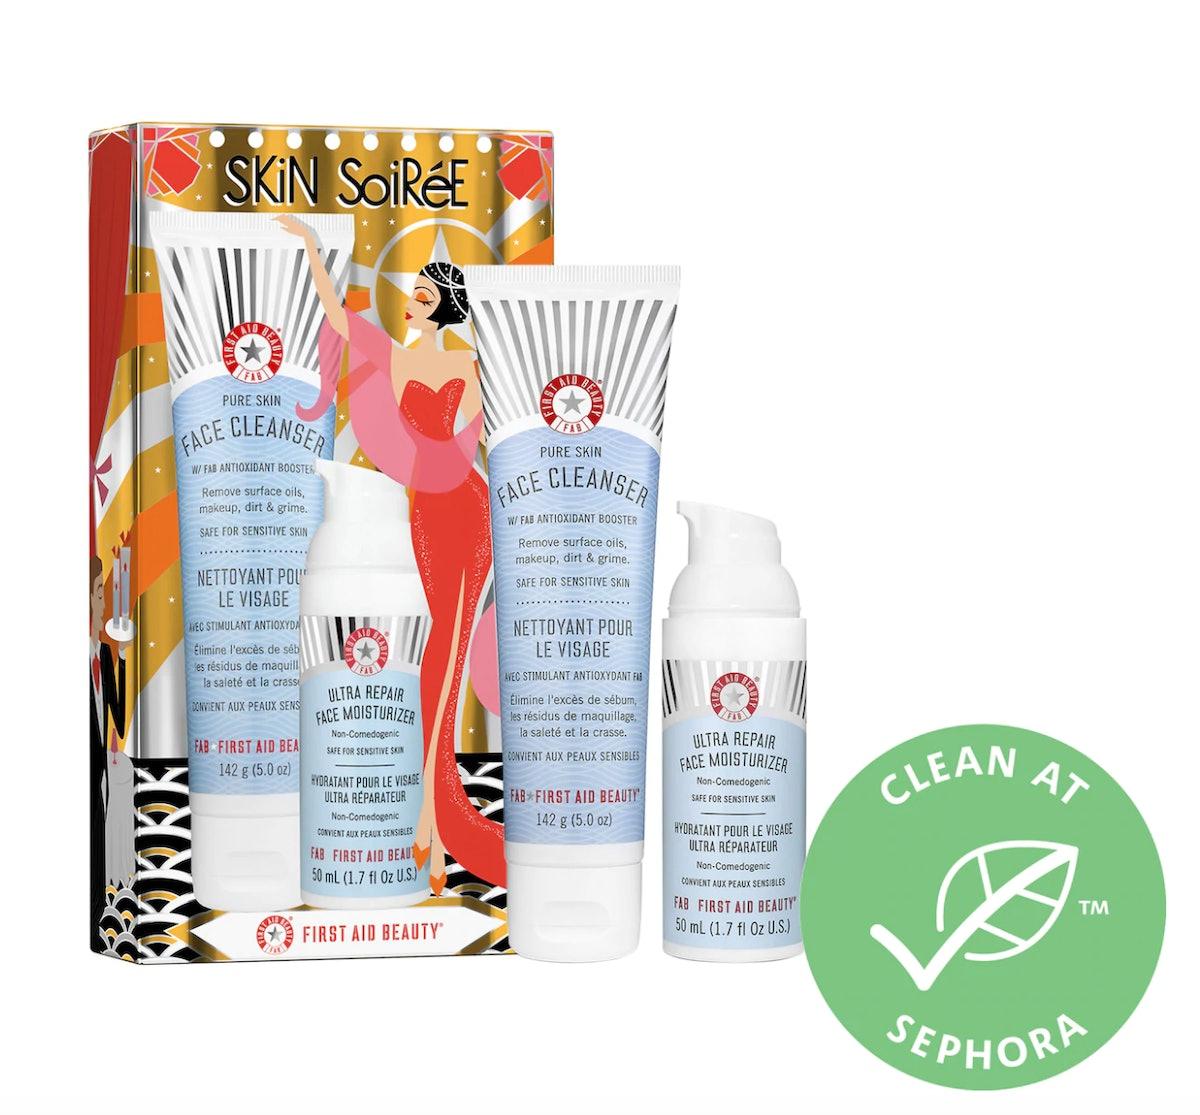 First Aid Beauty Skin Soirée